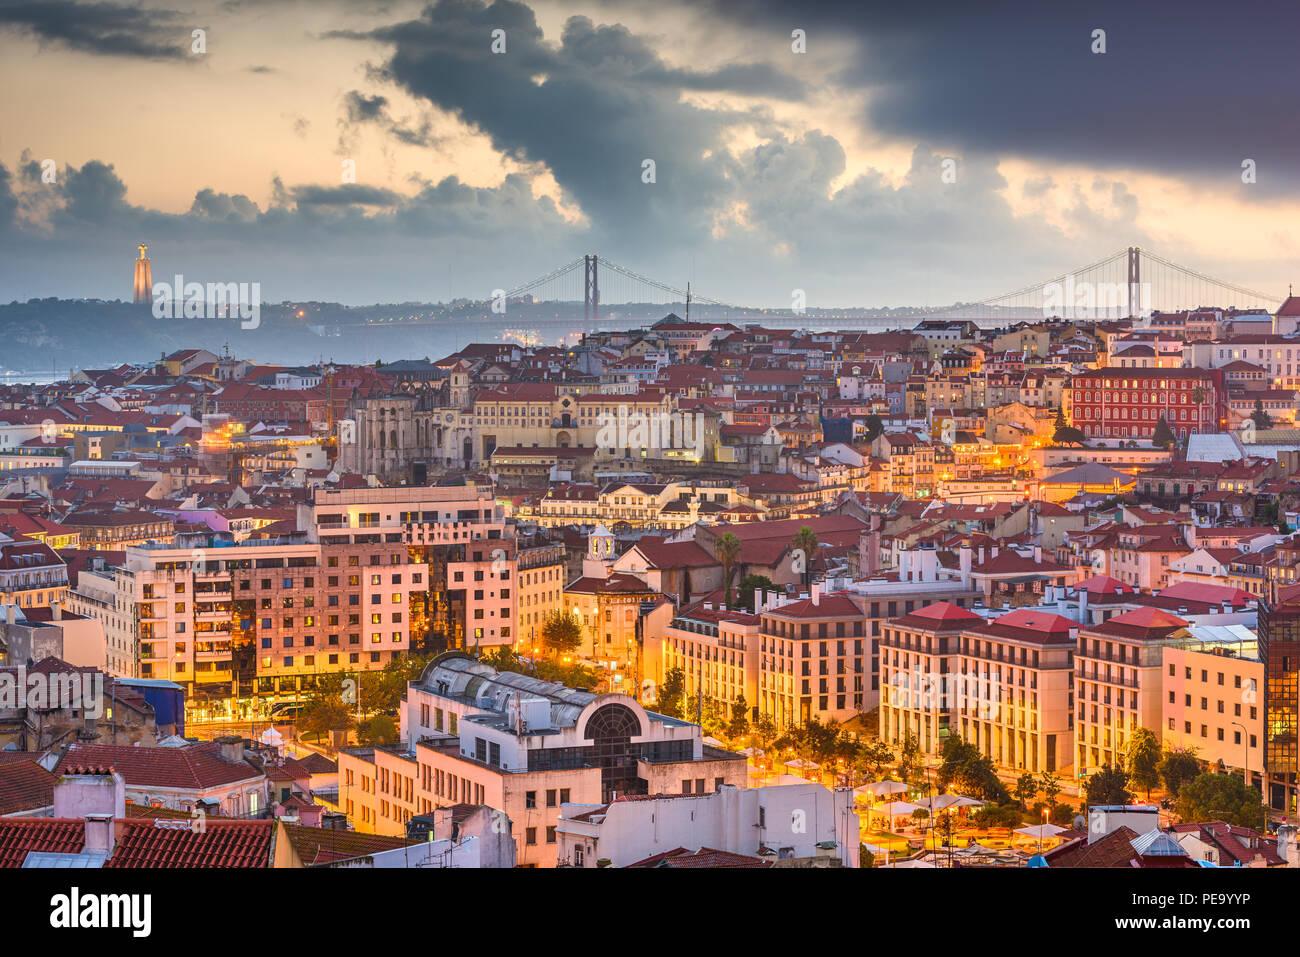 Lisbon, Portugal City Skyline over the Baixa district at dusk. Stock Photo